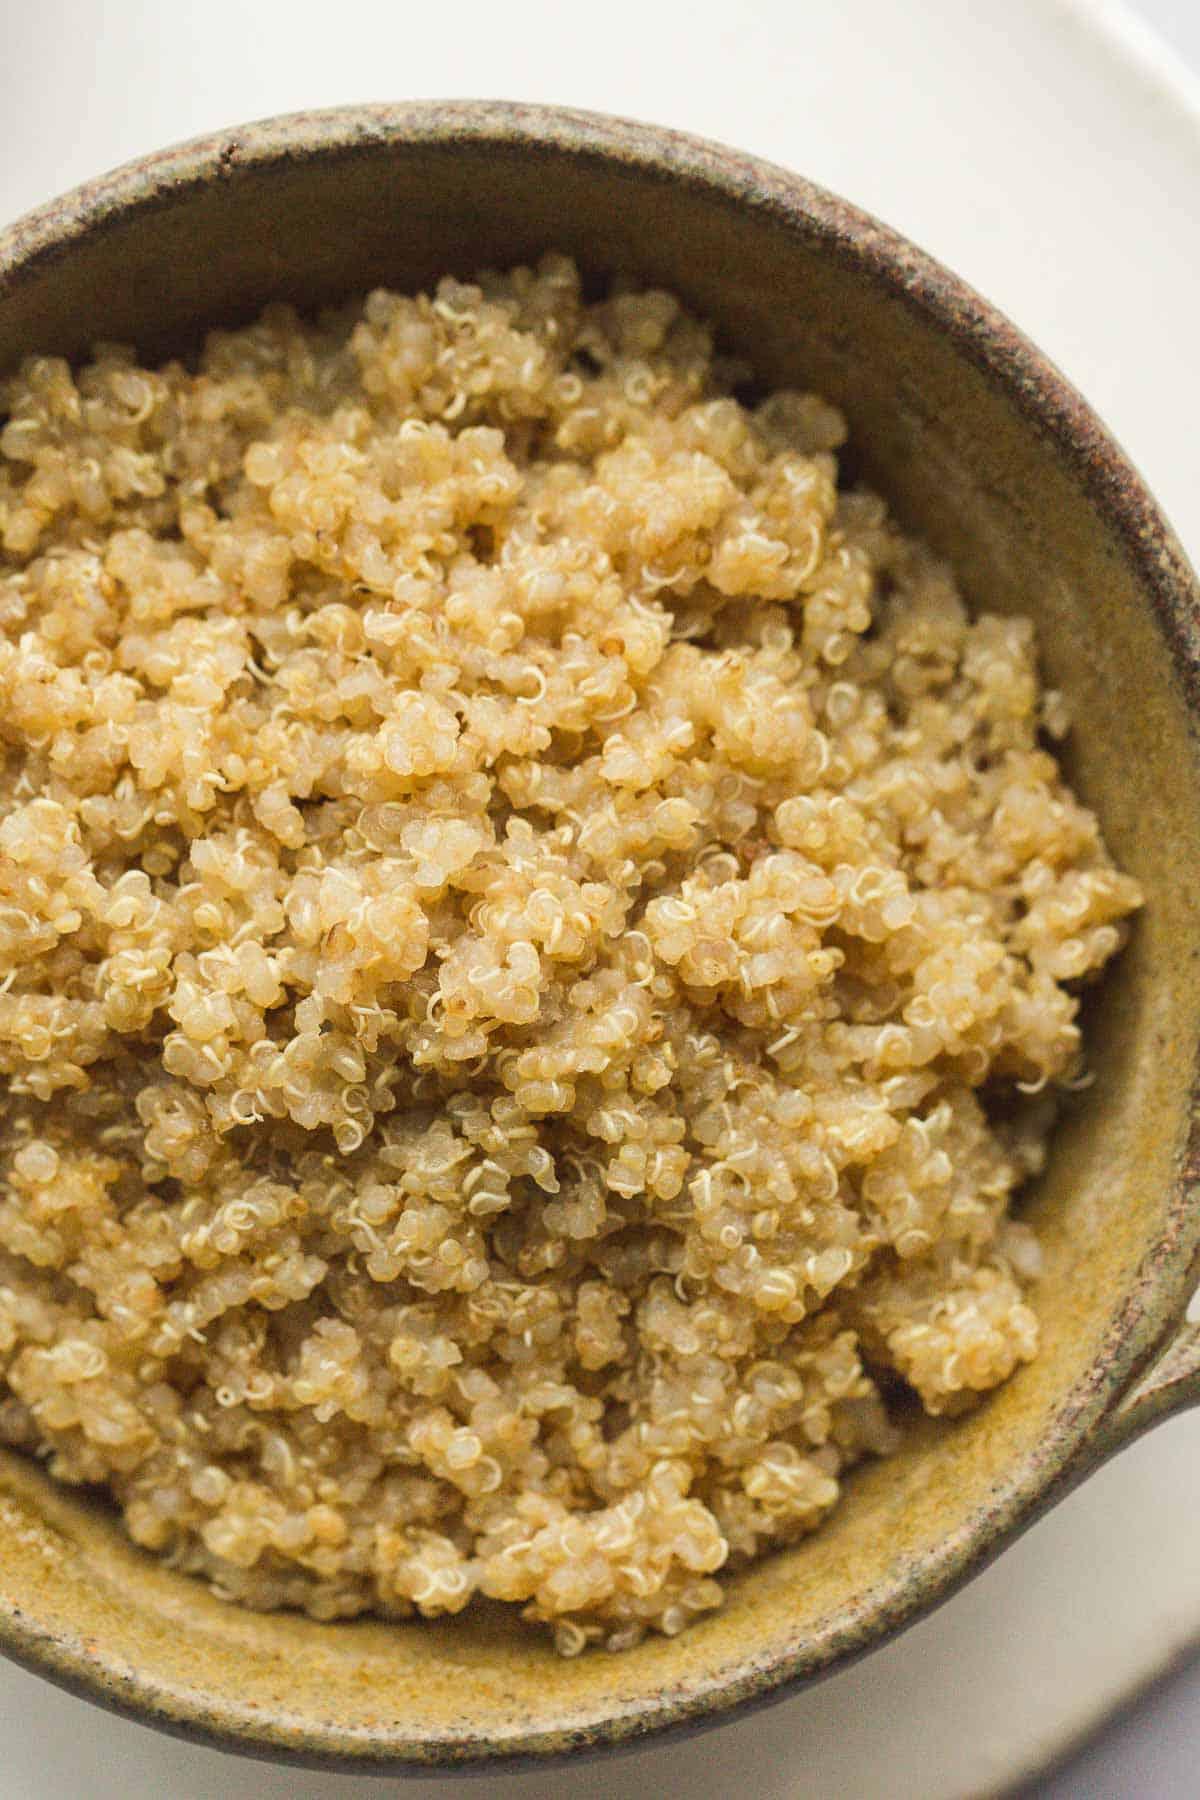 A close up shot of fluffy quinoa in a ceramic bowl